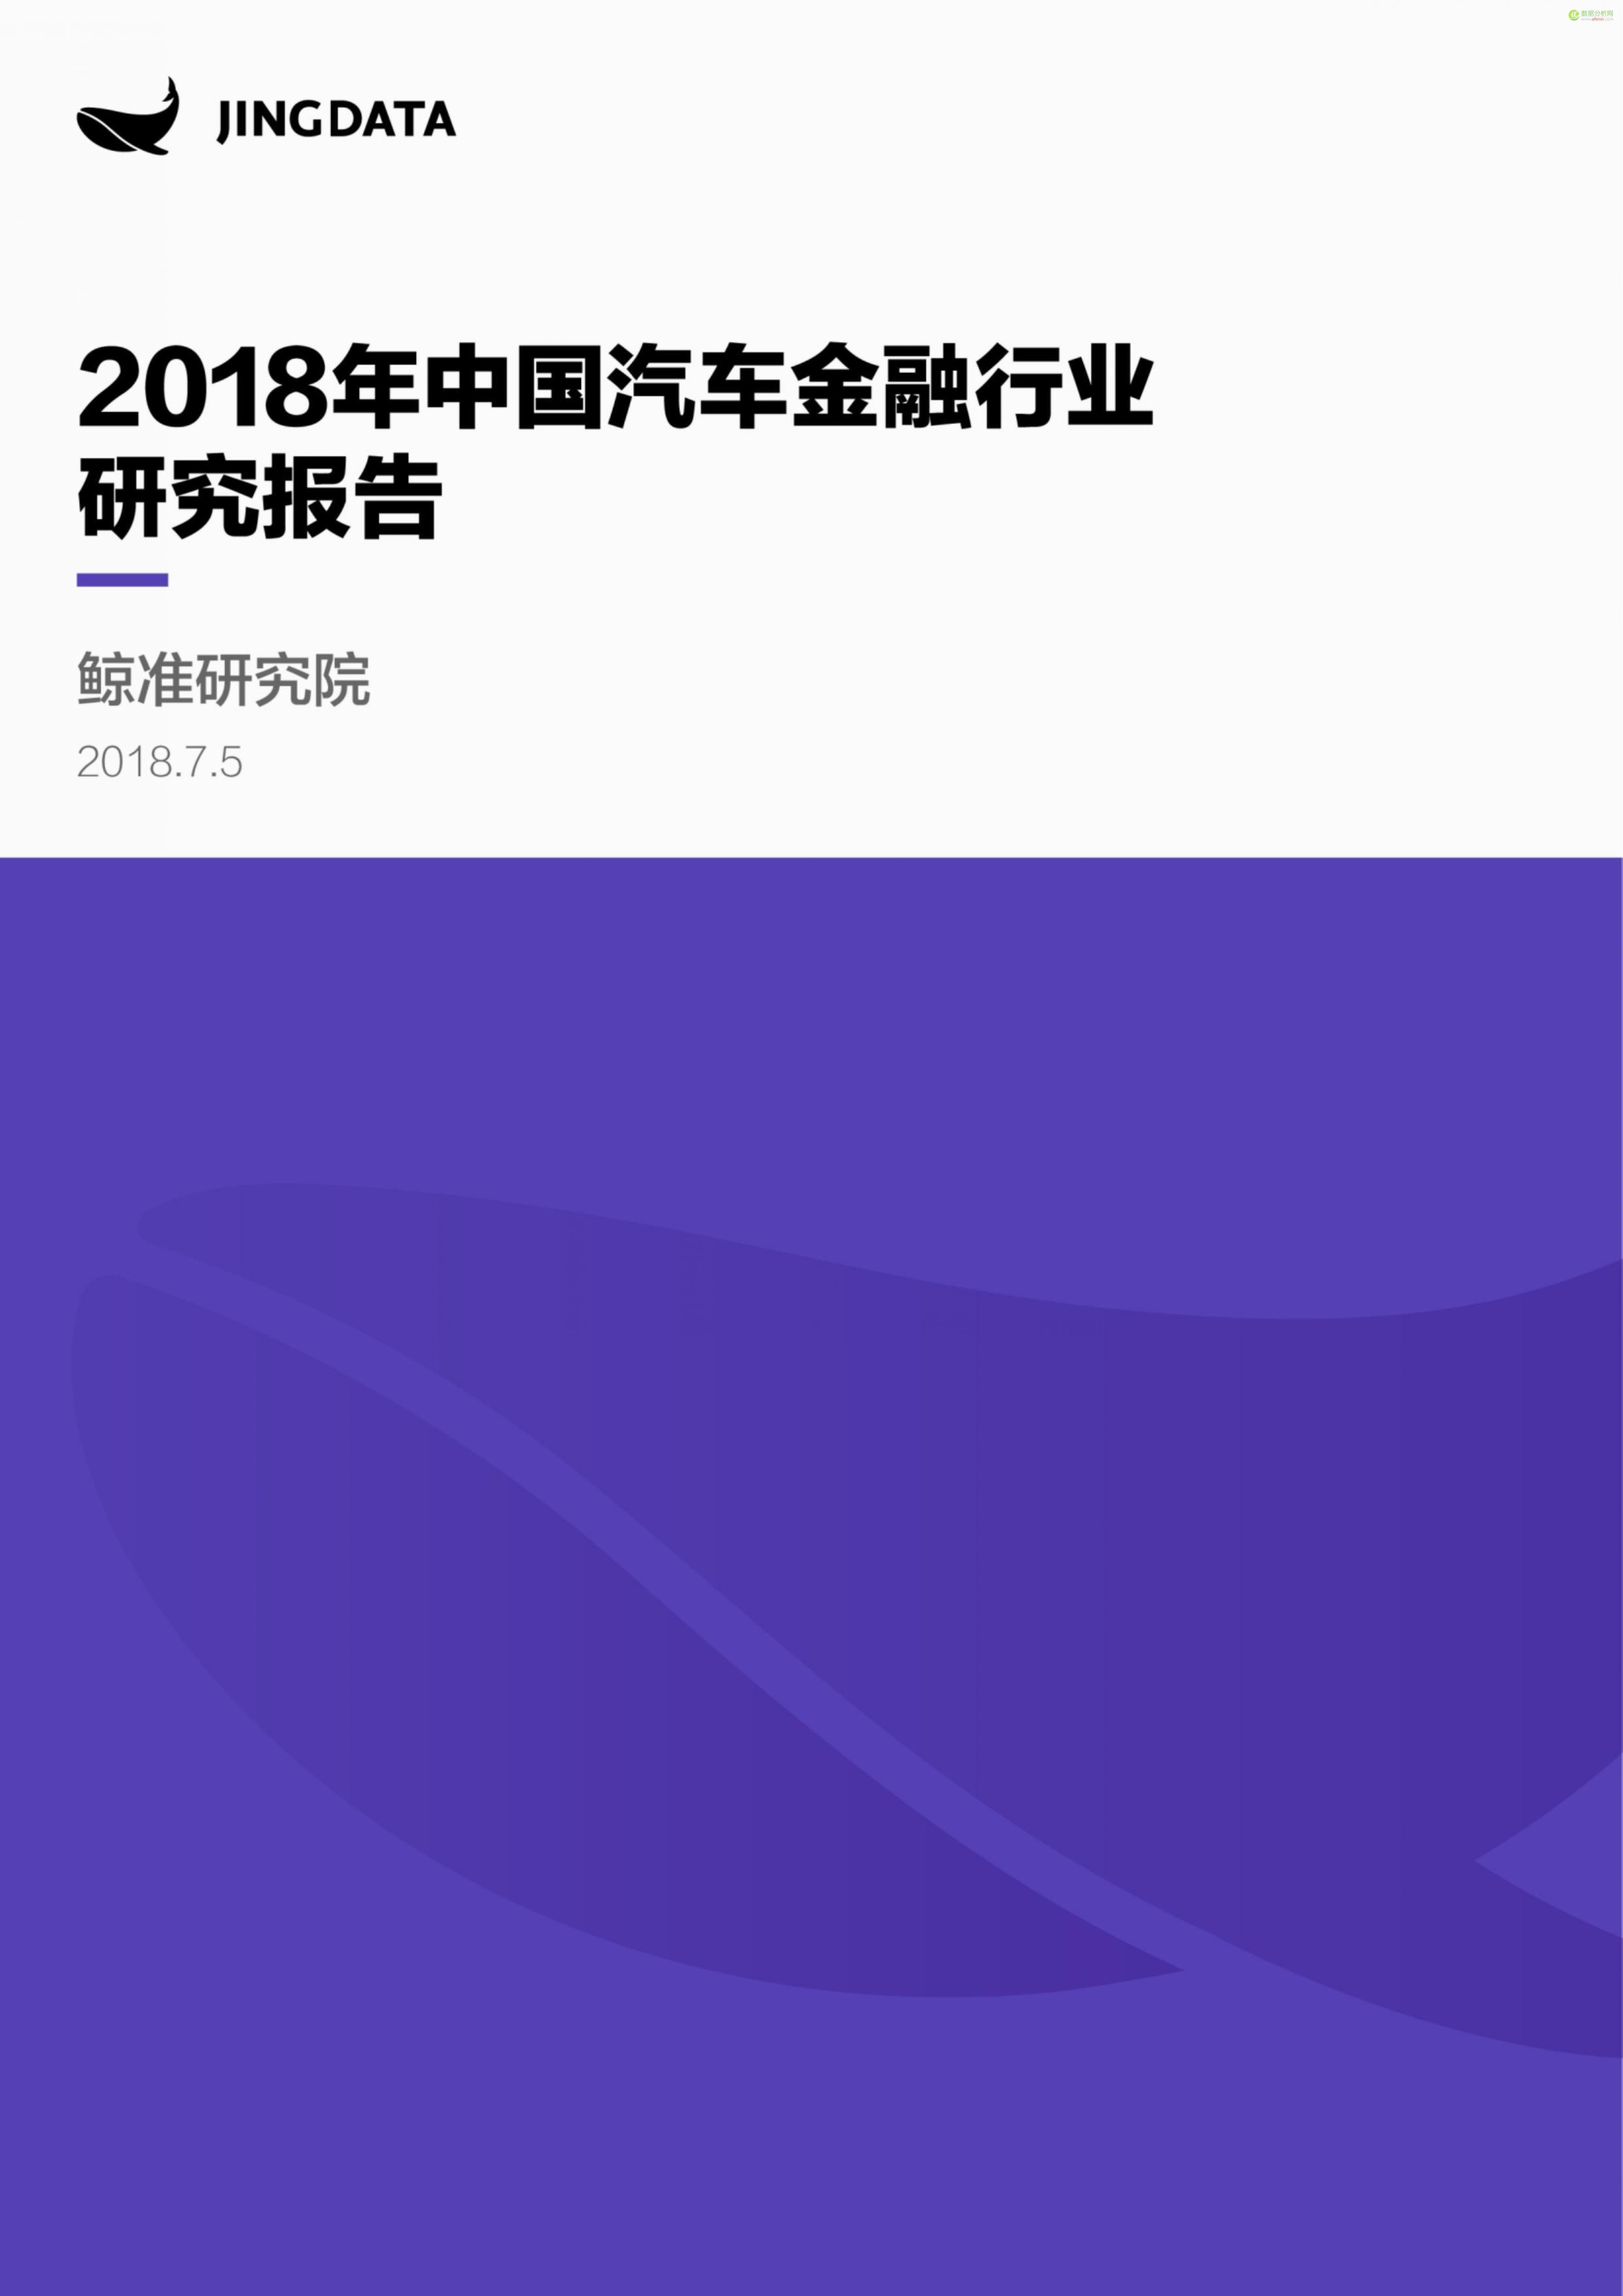 鲸准研究院:2018年中国汽车金融行业研究报告